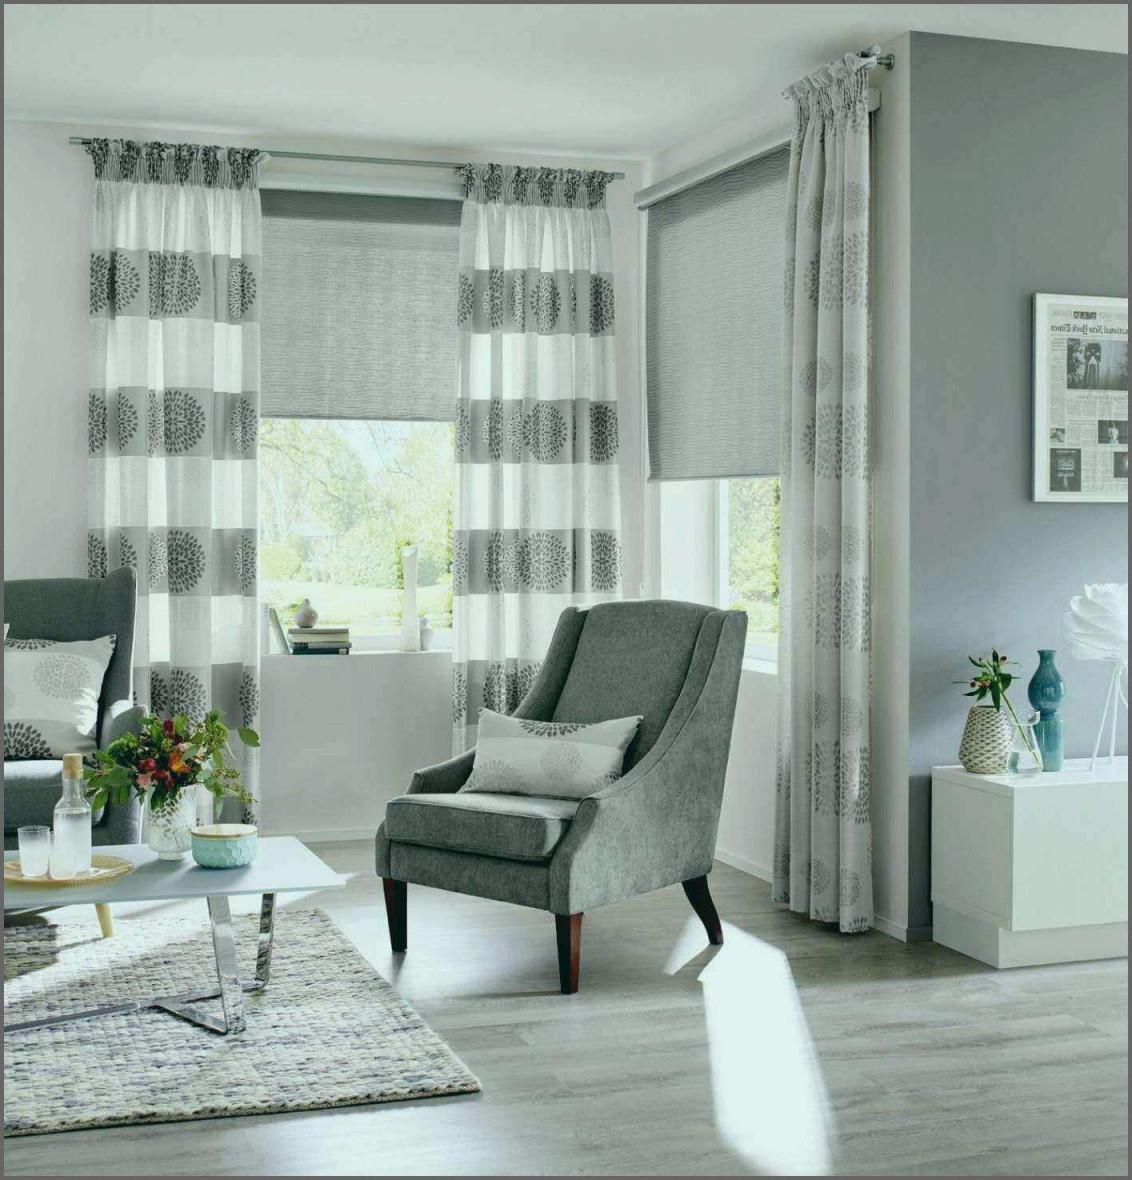 Gardinen Wohnzimmer Modern Genial 34 Exklusiv Und Natürlich von Wohnzimmer Gardinen Grau Bild